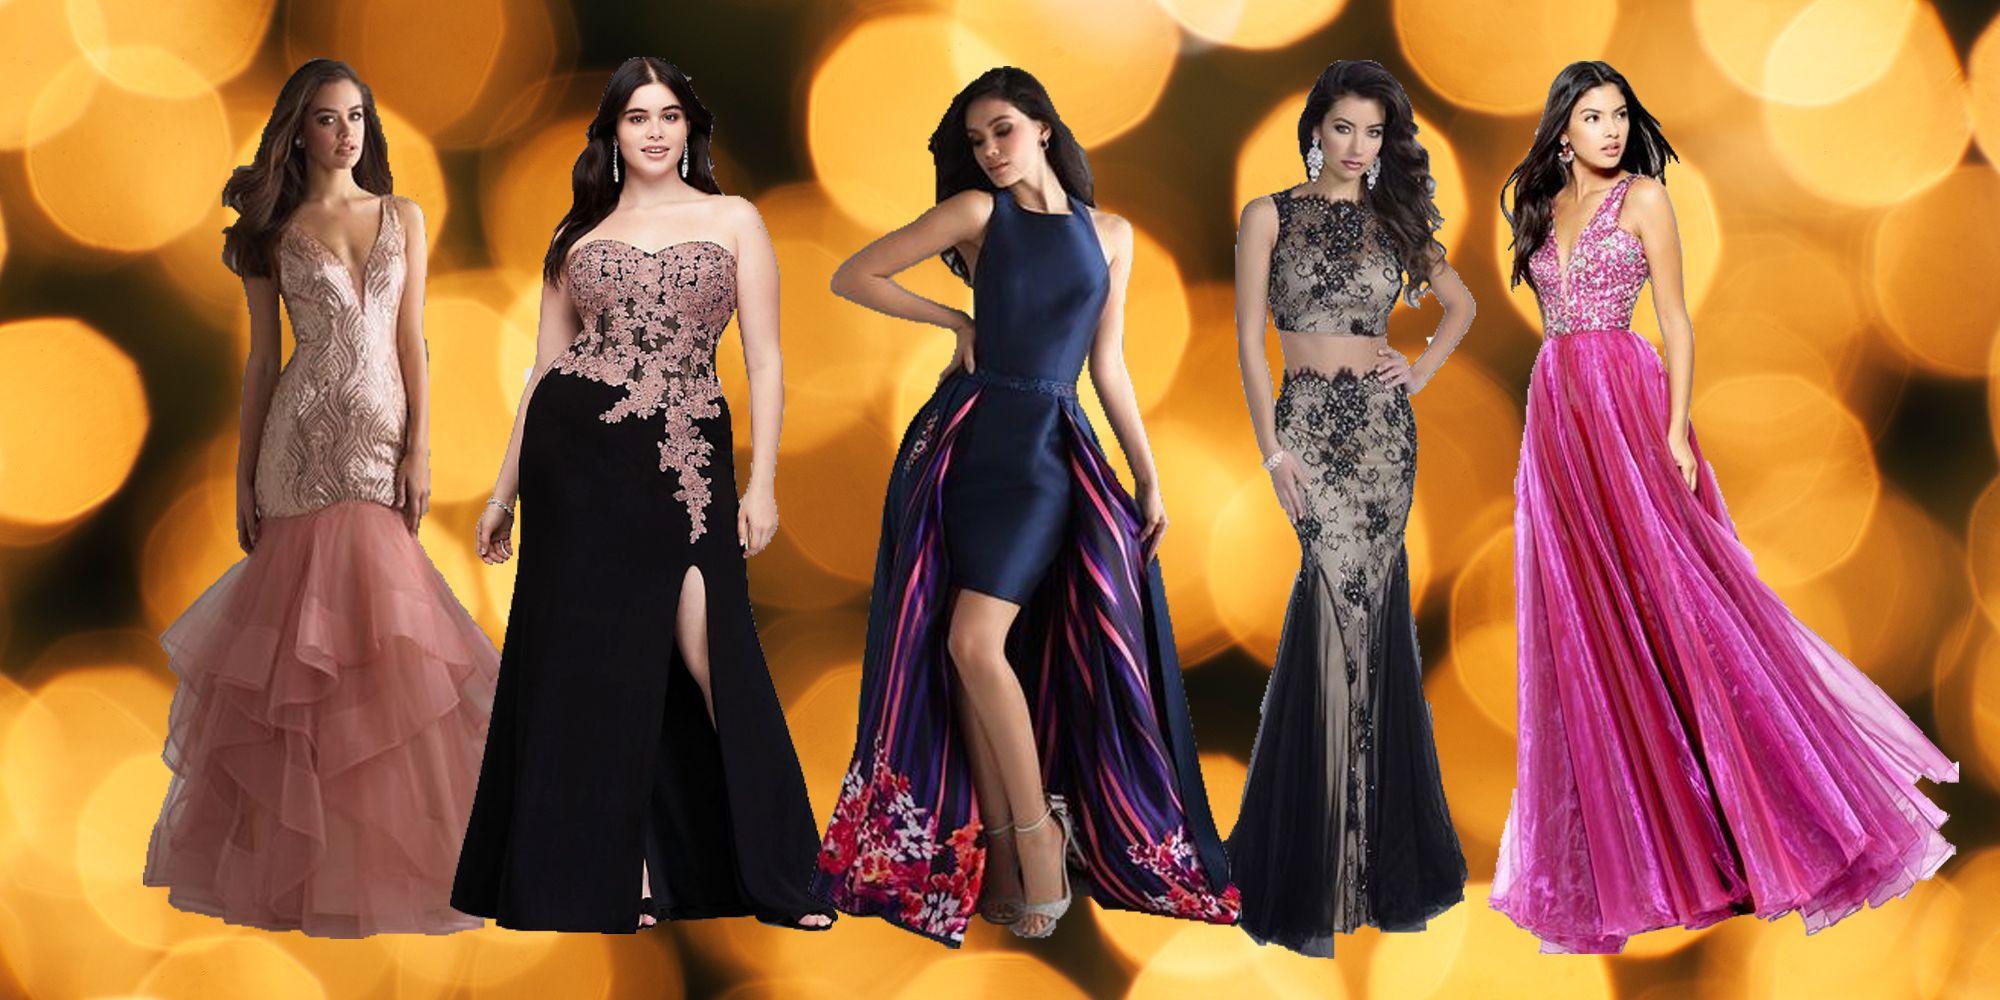 15 Cute Long Prom Dresses for 2018 - Best Floor Length Prom Dresses